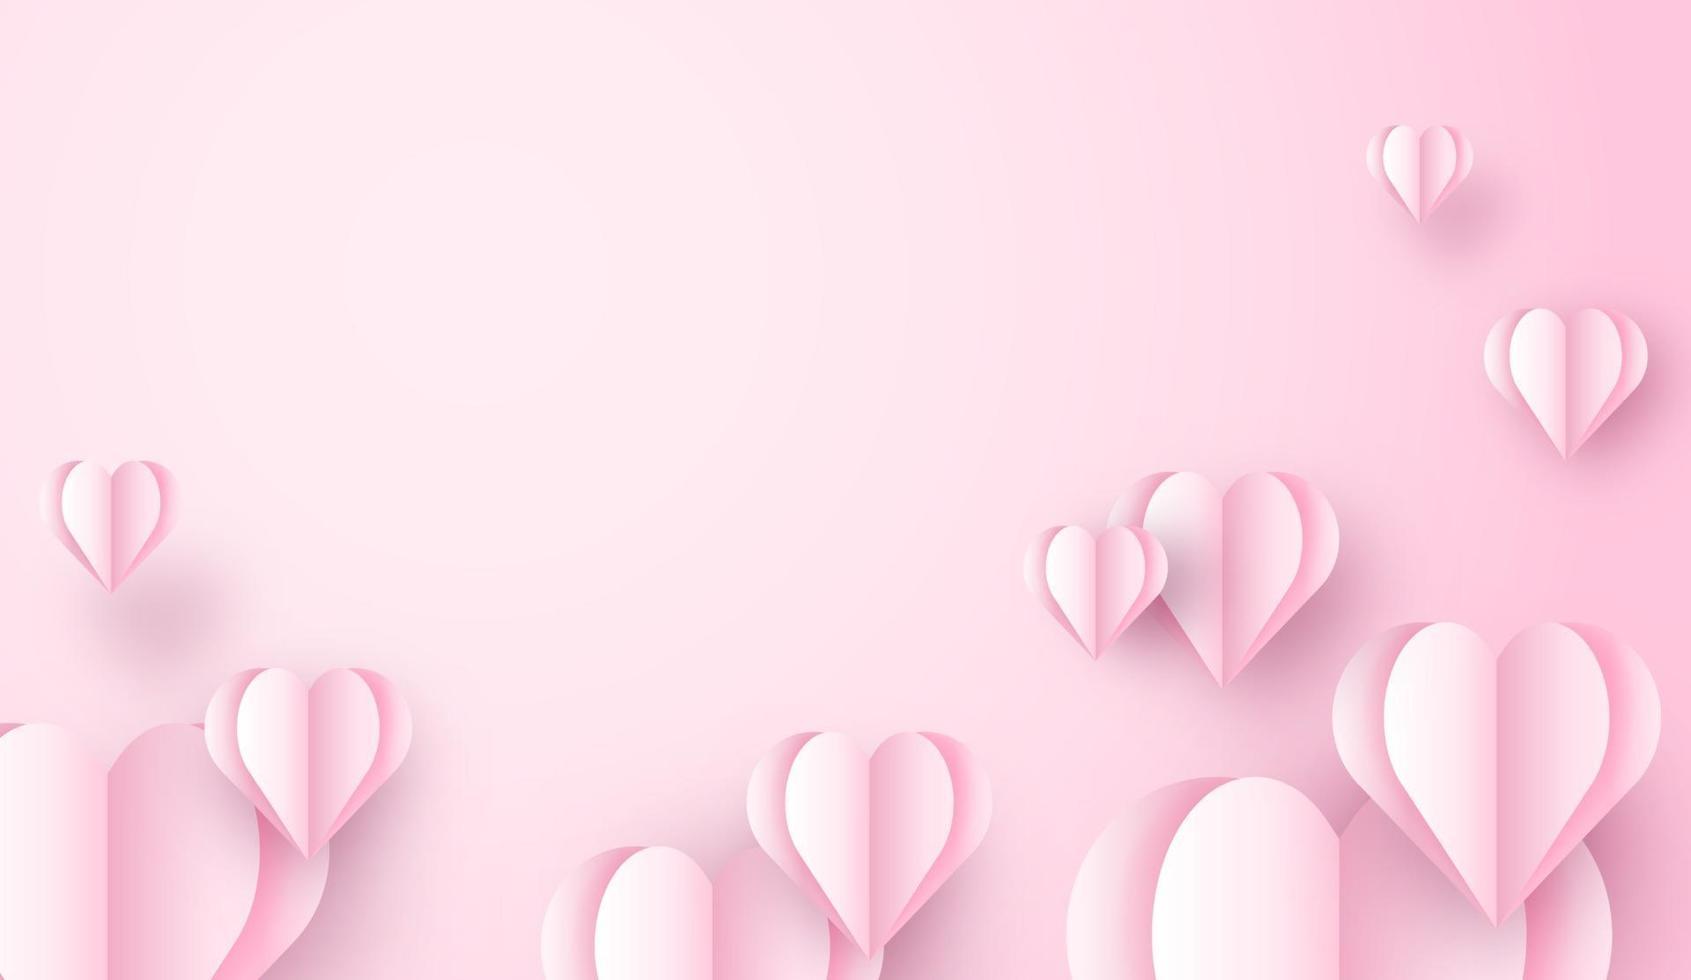 Hjärta för flyg 3d som flyger på rosa bakgrund. kärlek konceptdesign för glad mors dag, alla hjärtans dag, födelsedag. affisch och gratulationskortmall. vektor papper konst illustration.